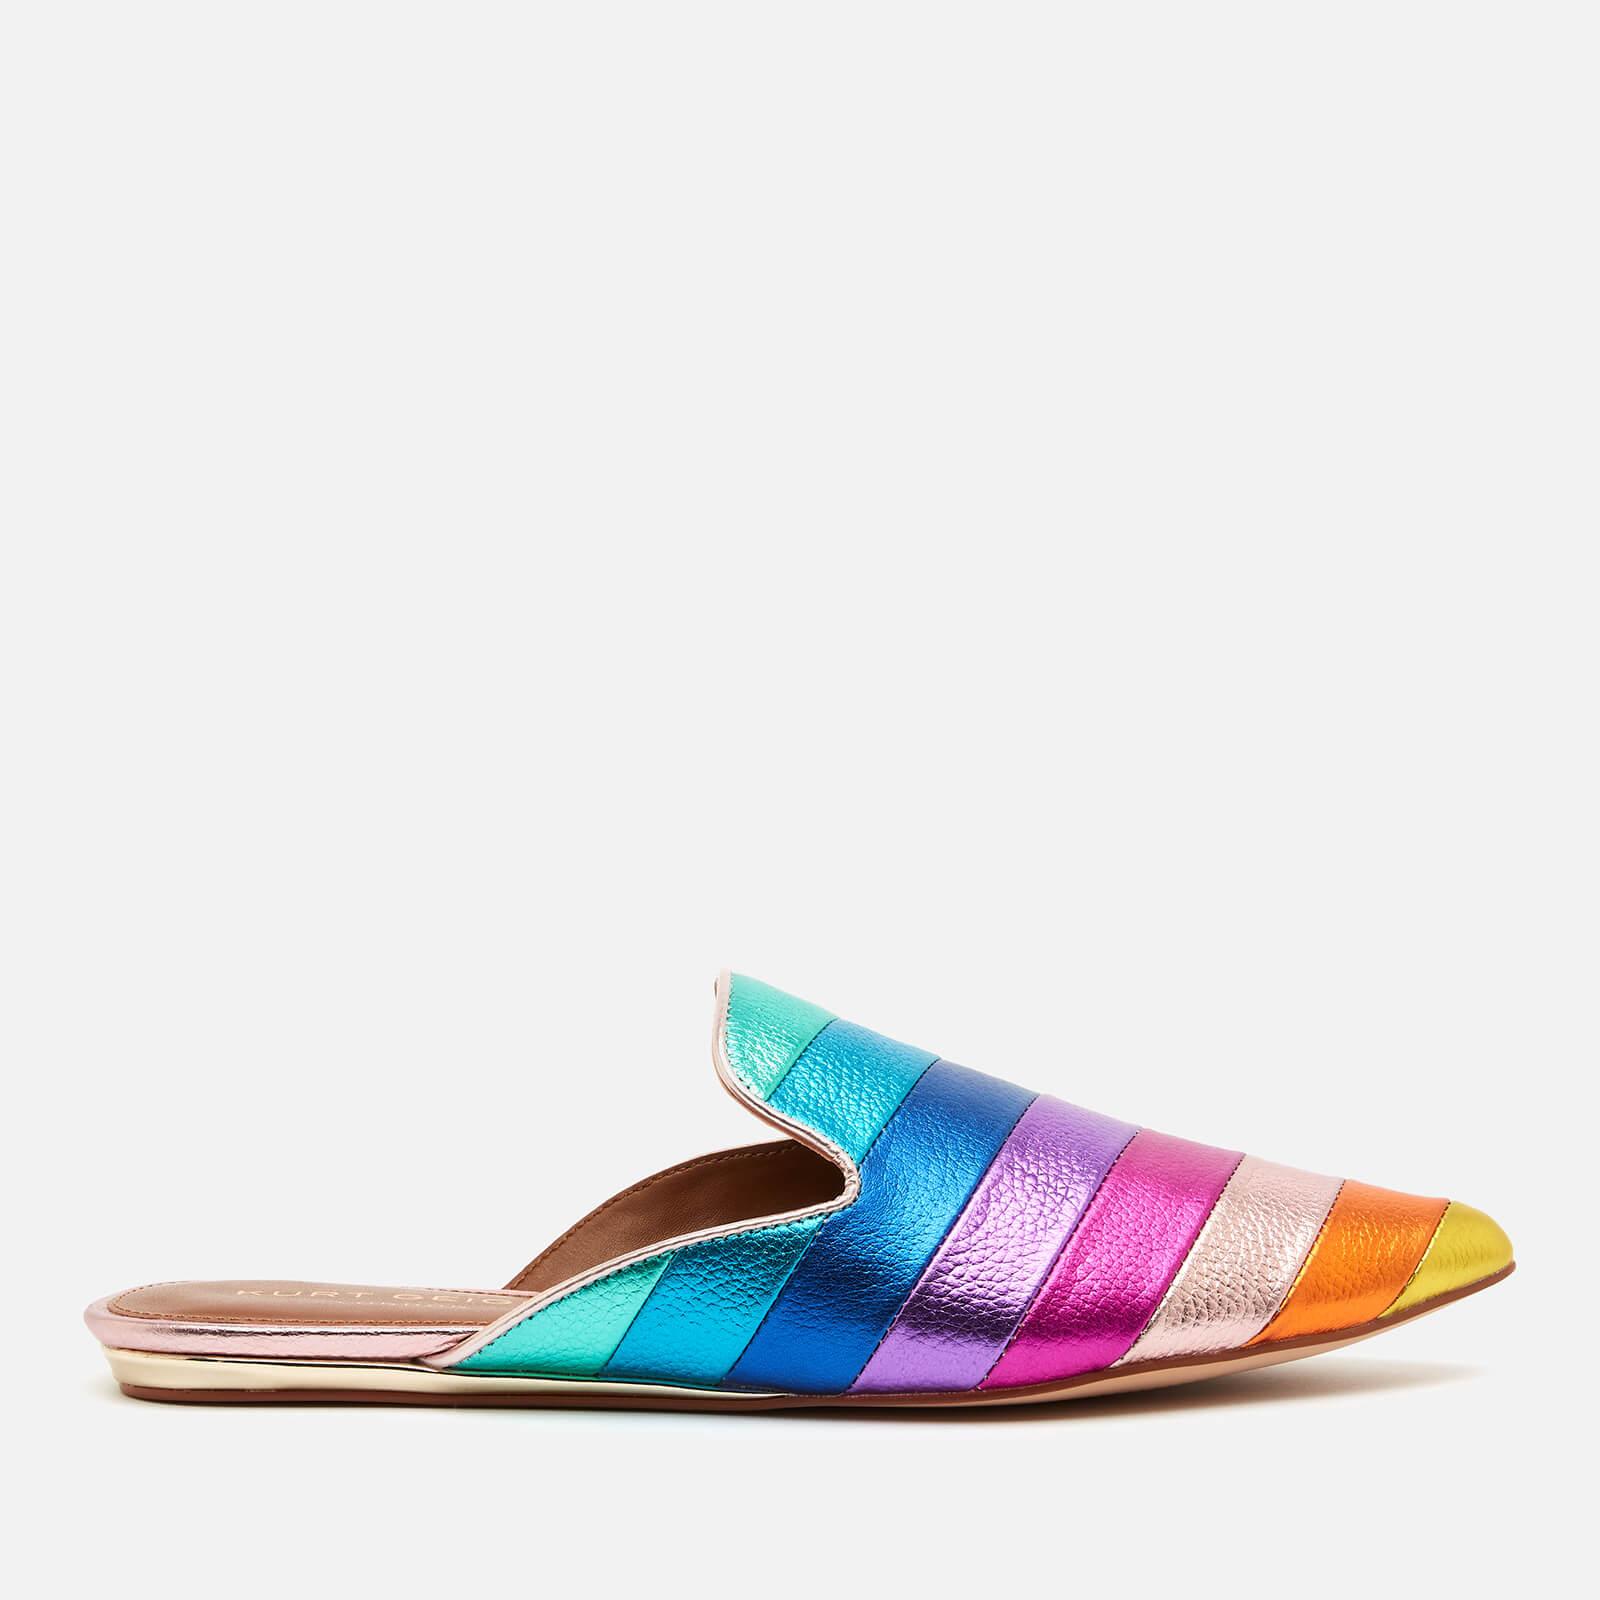 Kurt Geiger London Women's Kita Rainbow Leather Slide Espadrilles - Multi - UK 3